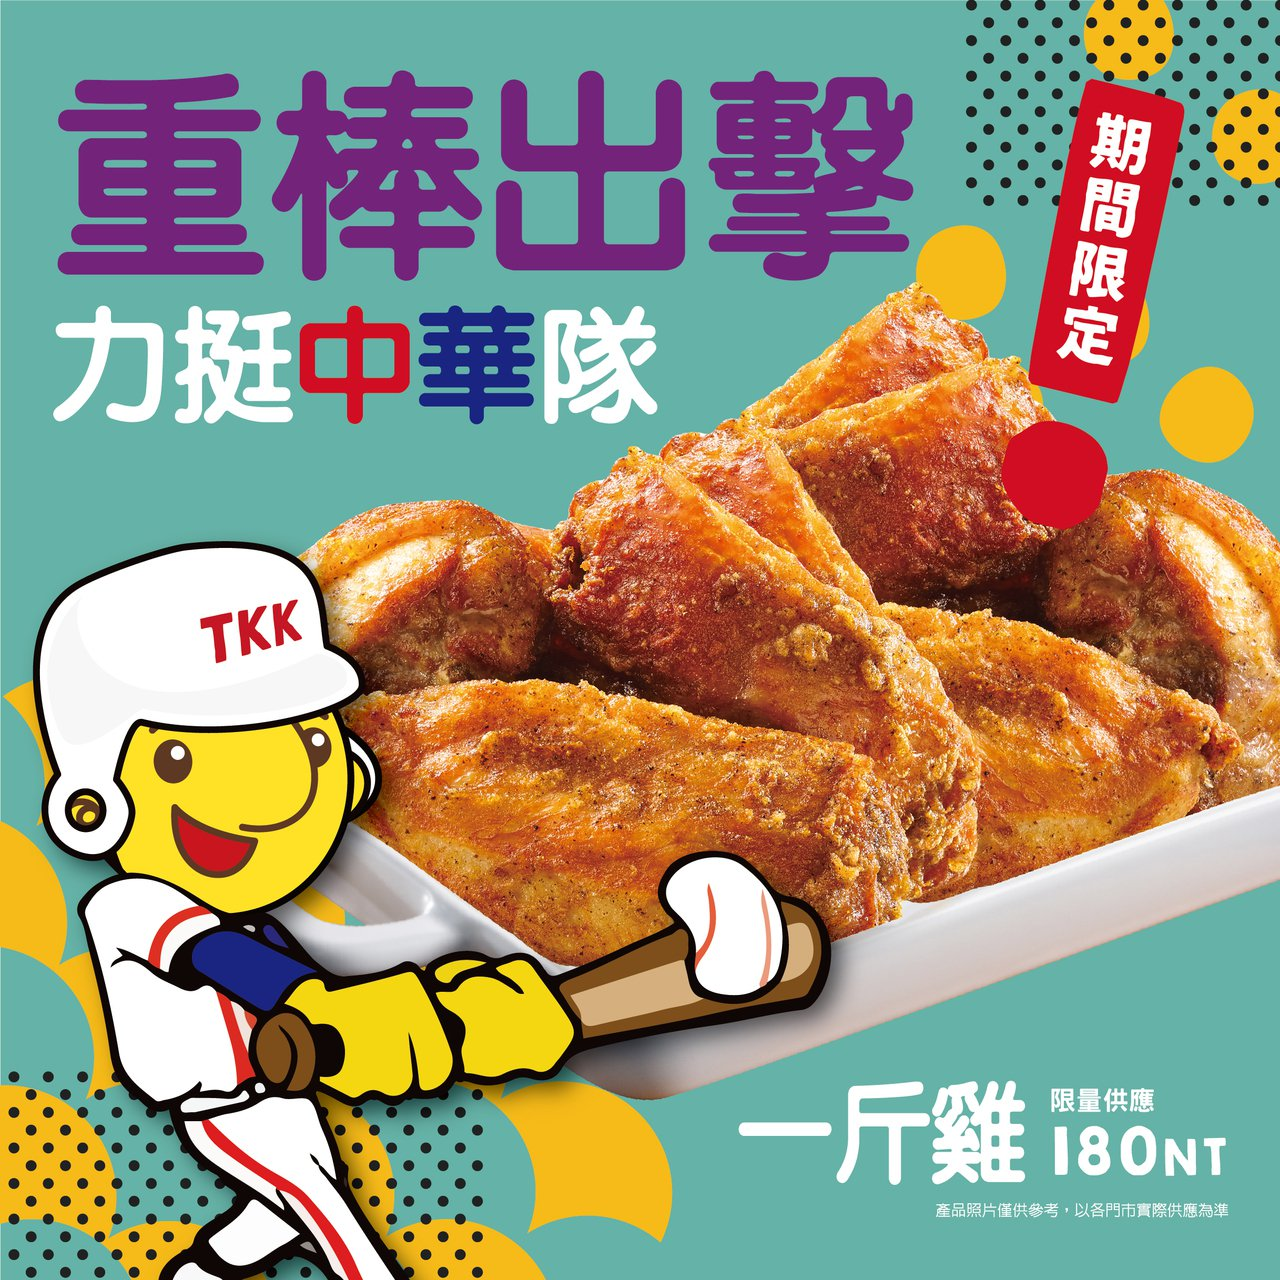 為中華隊加油,11/7當天頂呱呱一斤雞只要180元。 圖/頂呱呱提供